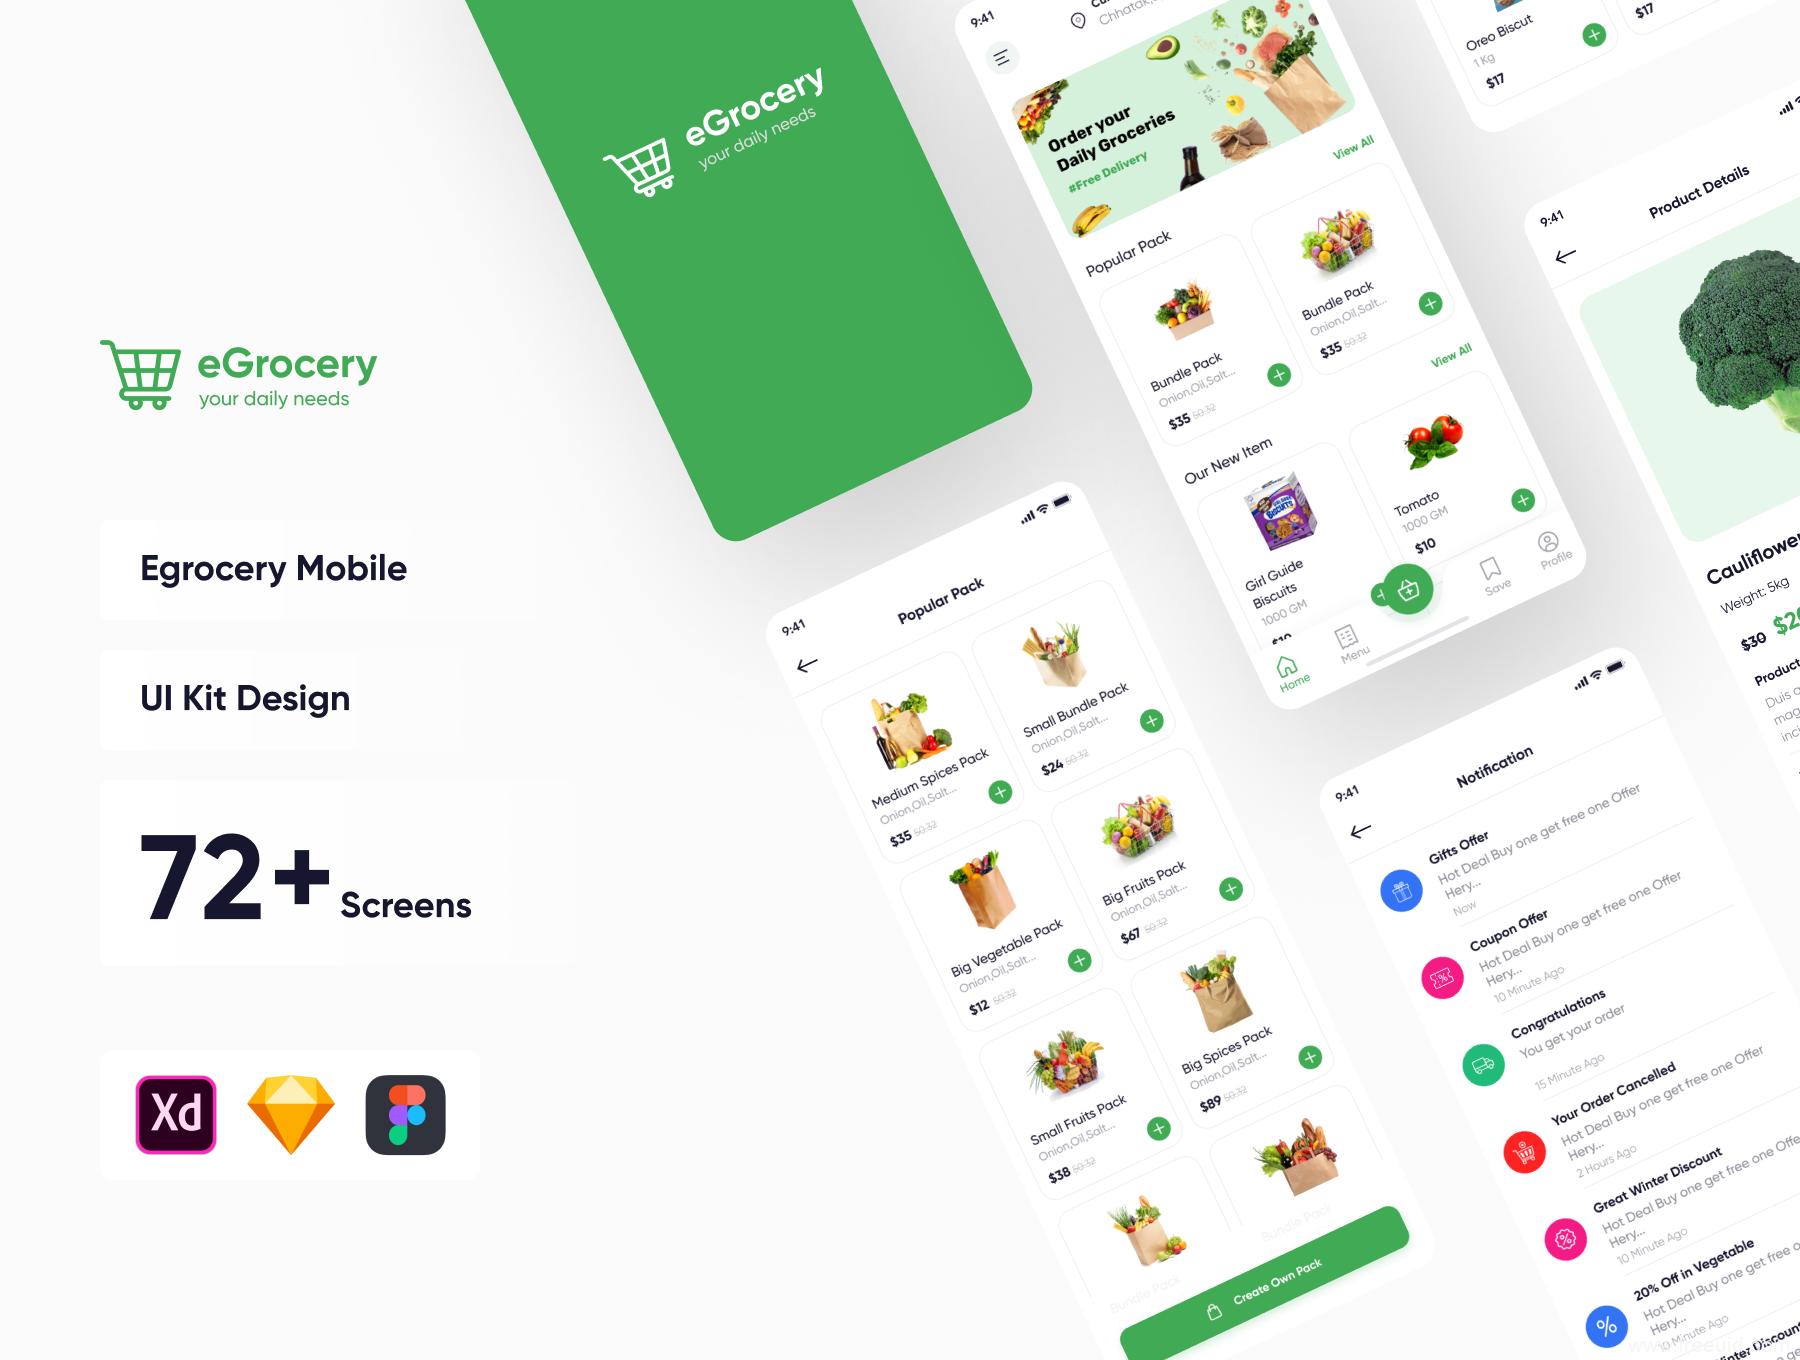 一套买菜app UI源文件下载,社区团购app UI资源下载,蔬菜水果外卖app UI素材sketch源文件xd源文件下载